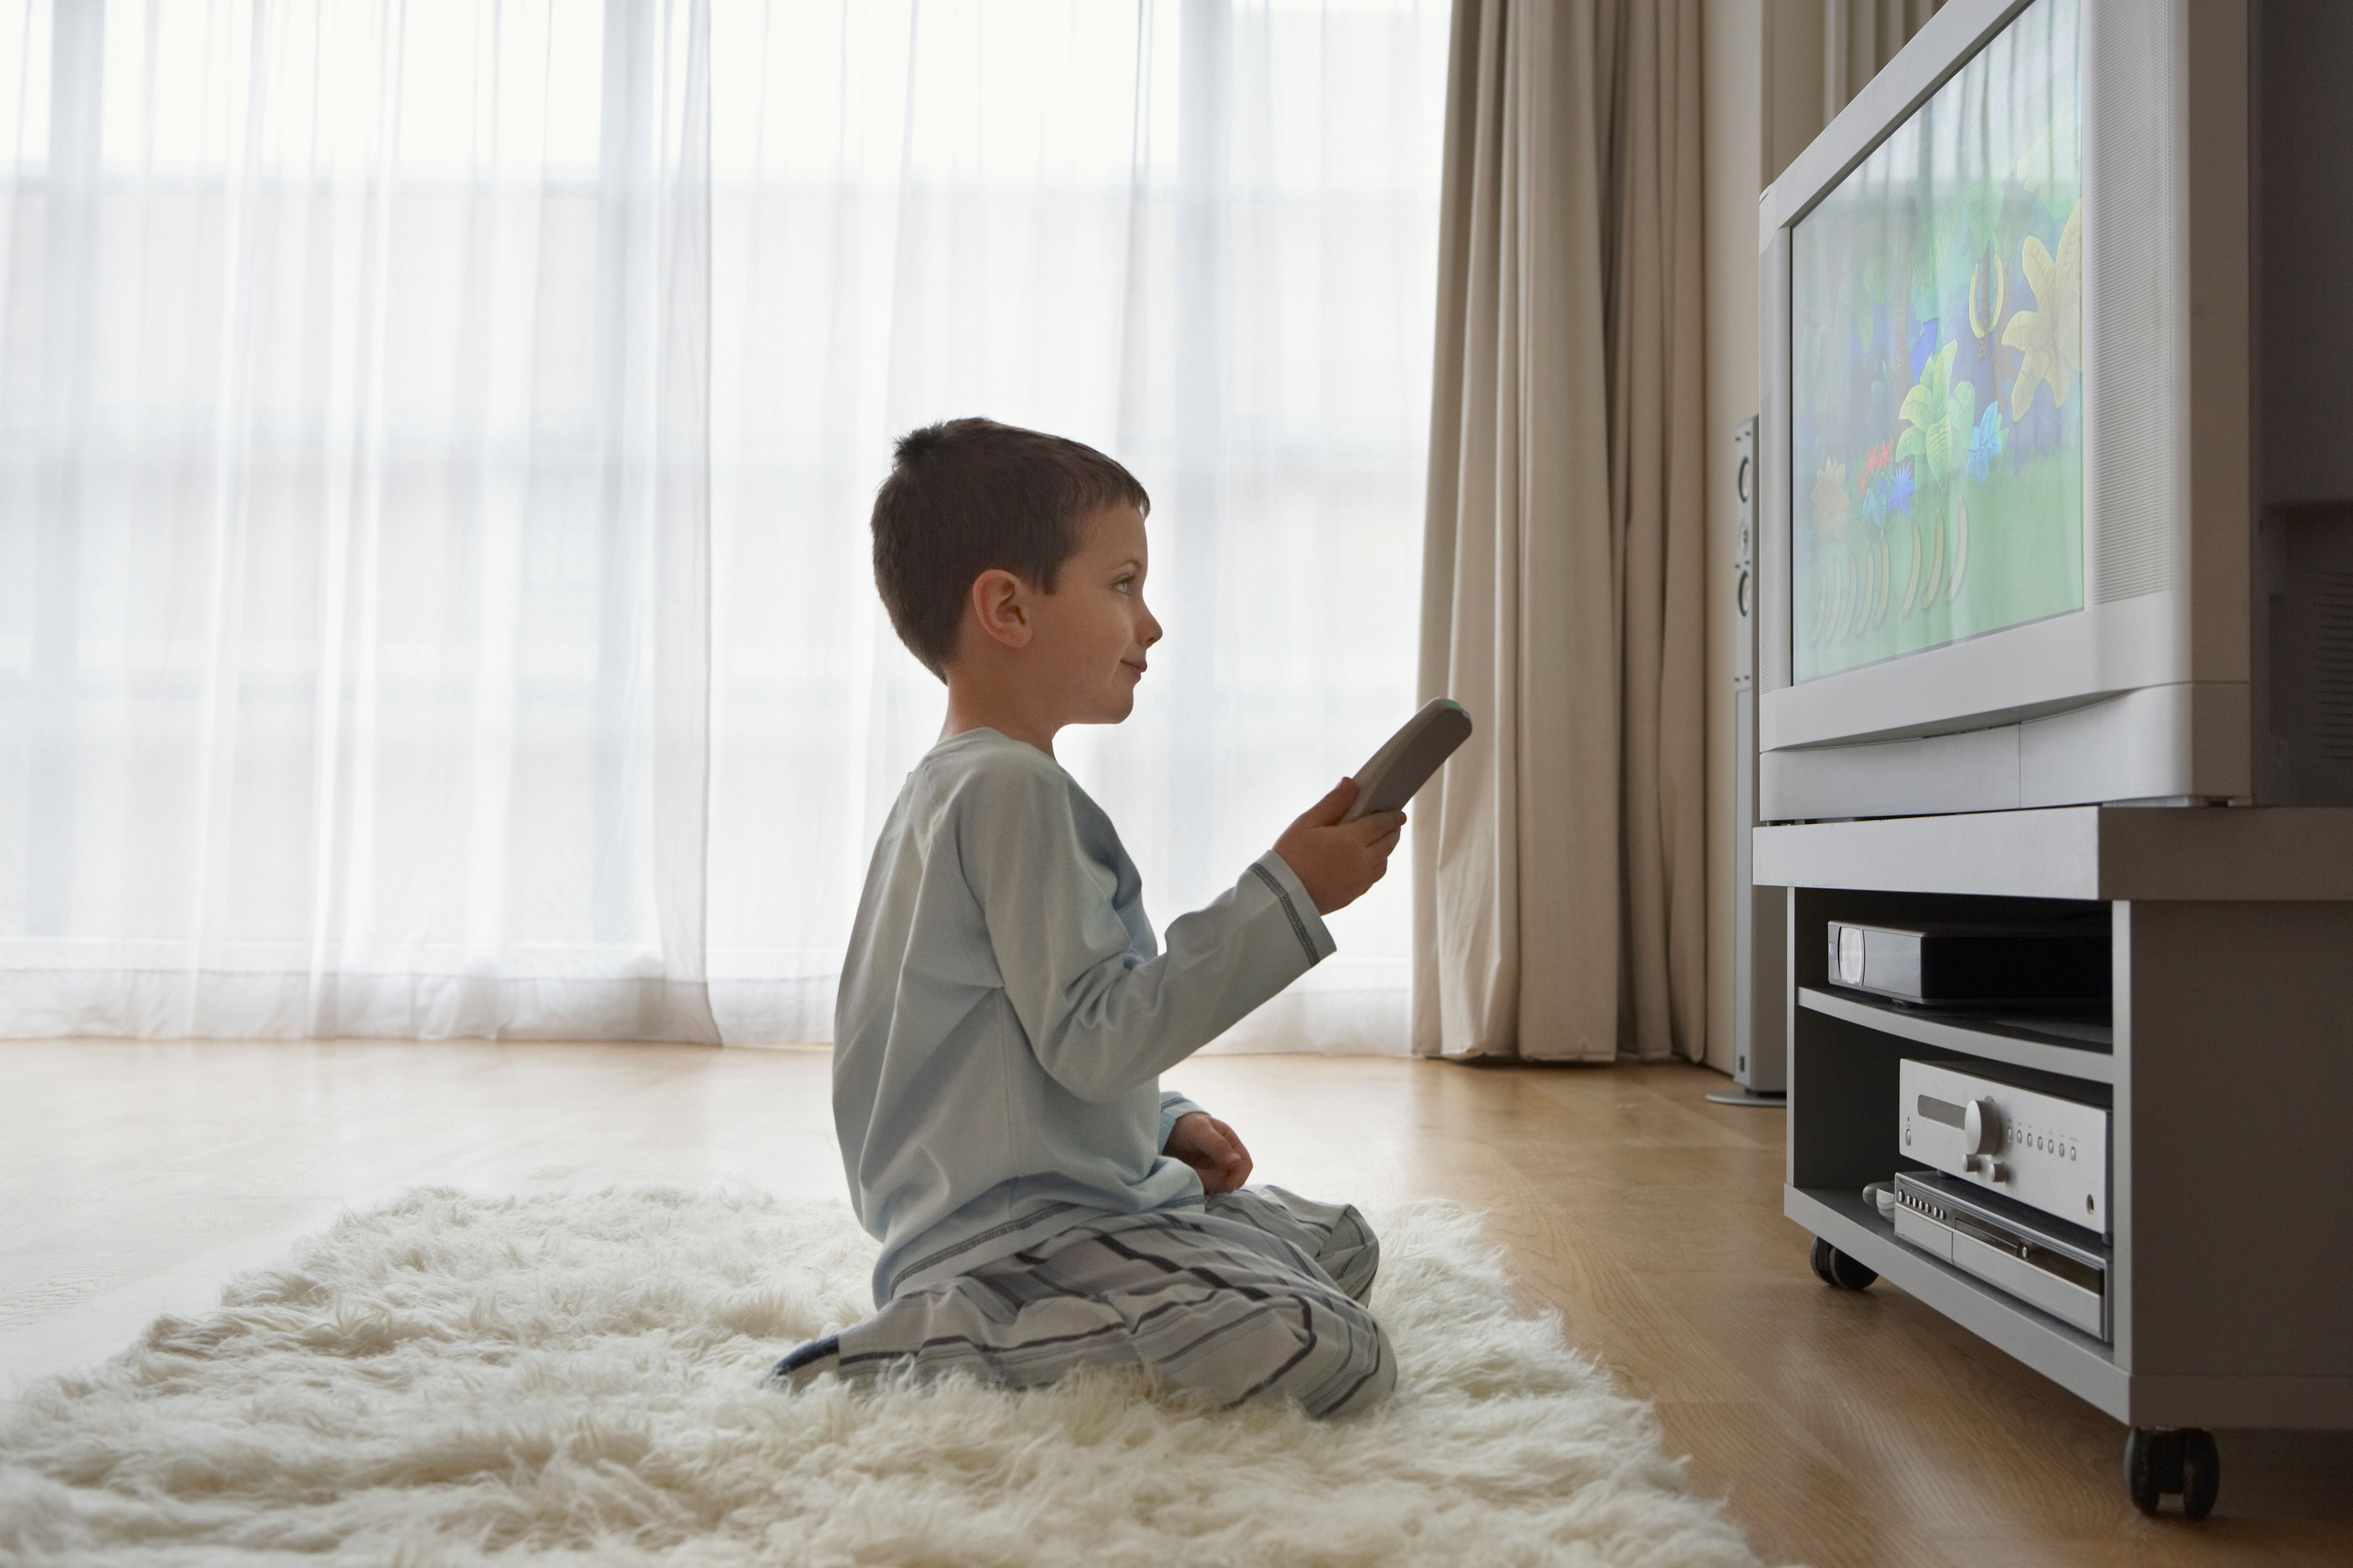 У кировских абонентов интерактивного ТВ МТС увеличился пакет каналов